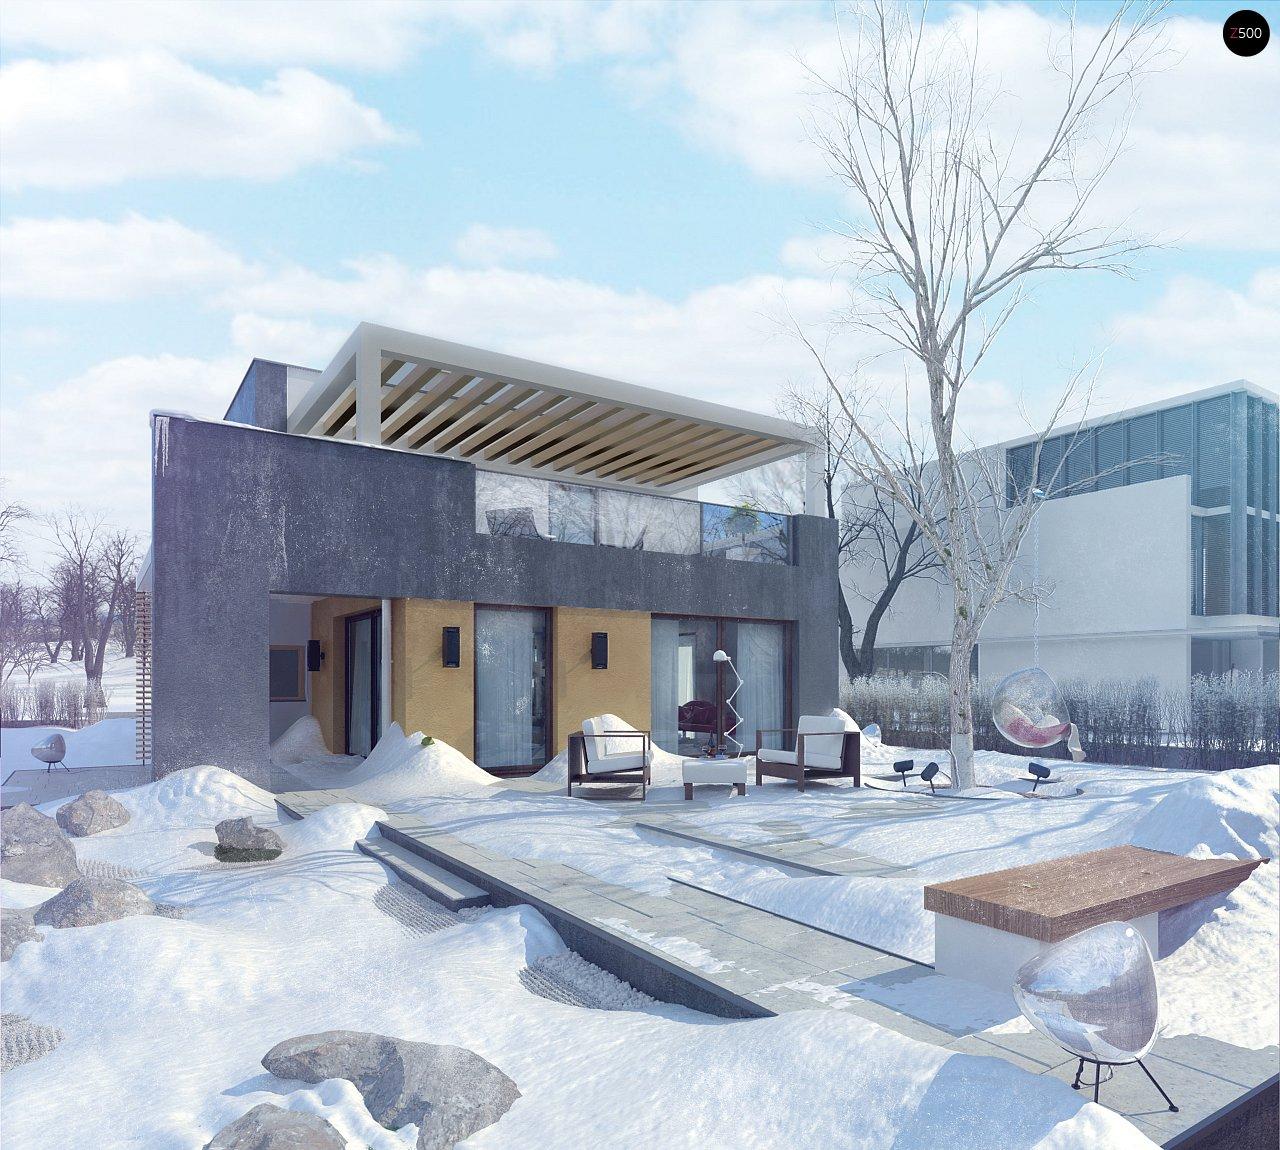 Дом характерного современного дизайна с гаражом и кабинетом на первом этаже. - фото 3